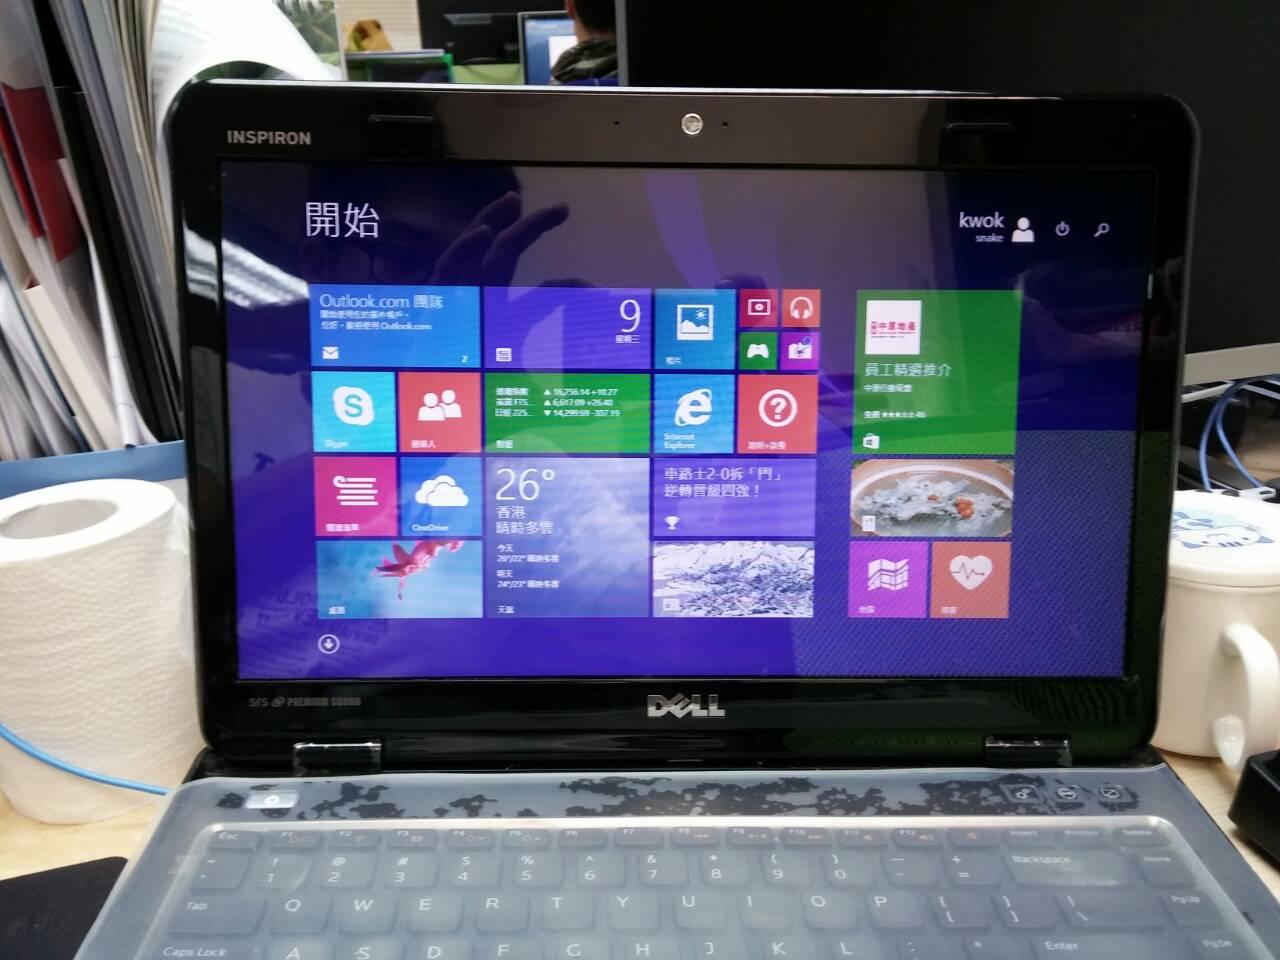 【全方位實測】最新 Windows 8.1 Update 1 : 新功能速介 + 效能評測 + 優化密技大集合